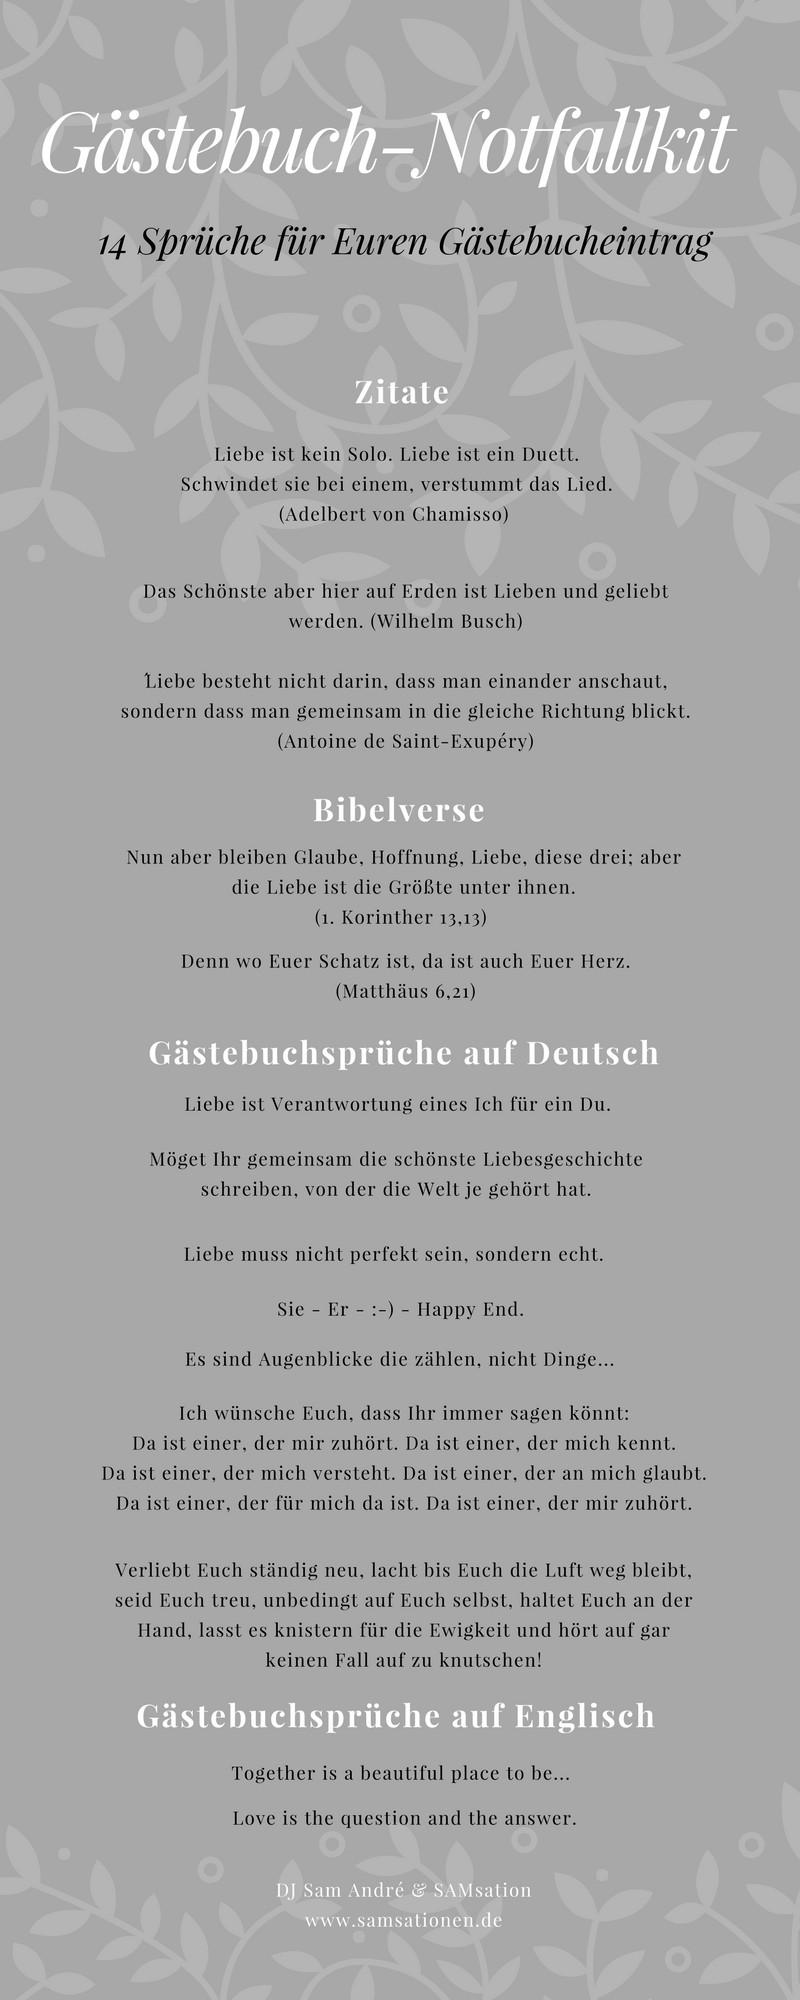 Gästebuch Sprüche Hochzeit  Gästebuch Notfallkit